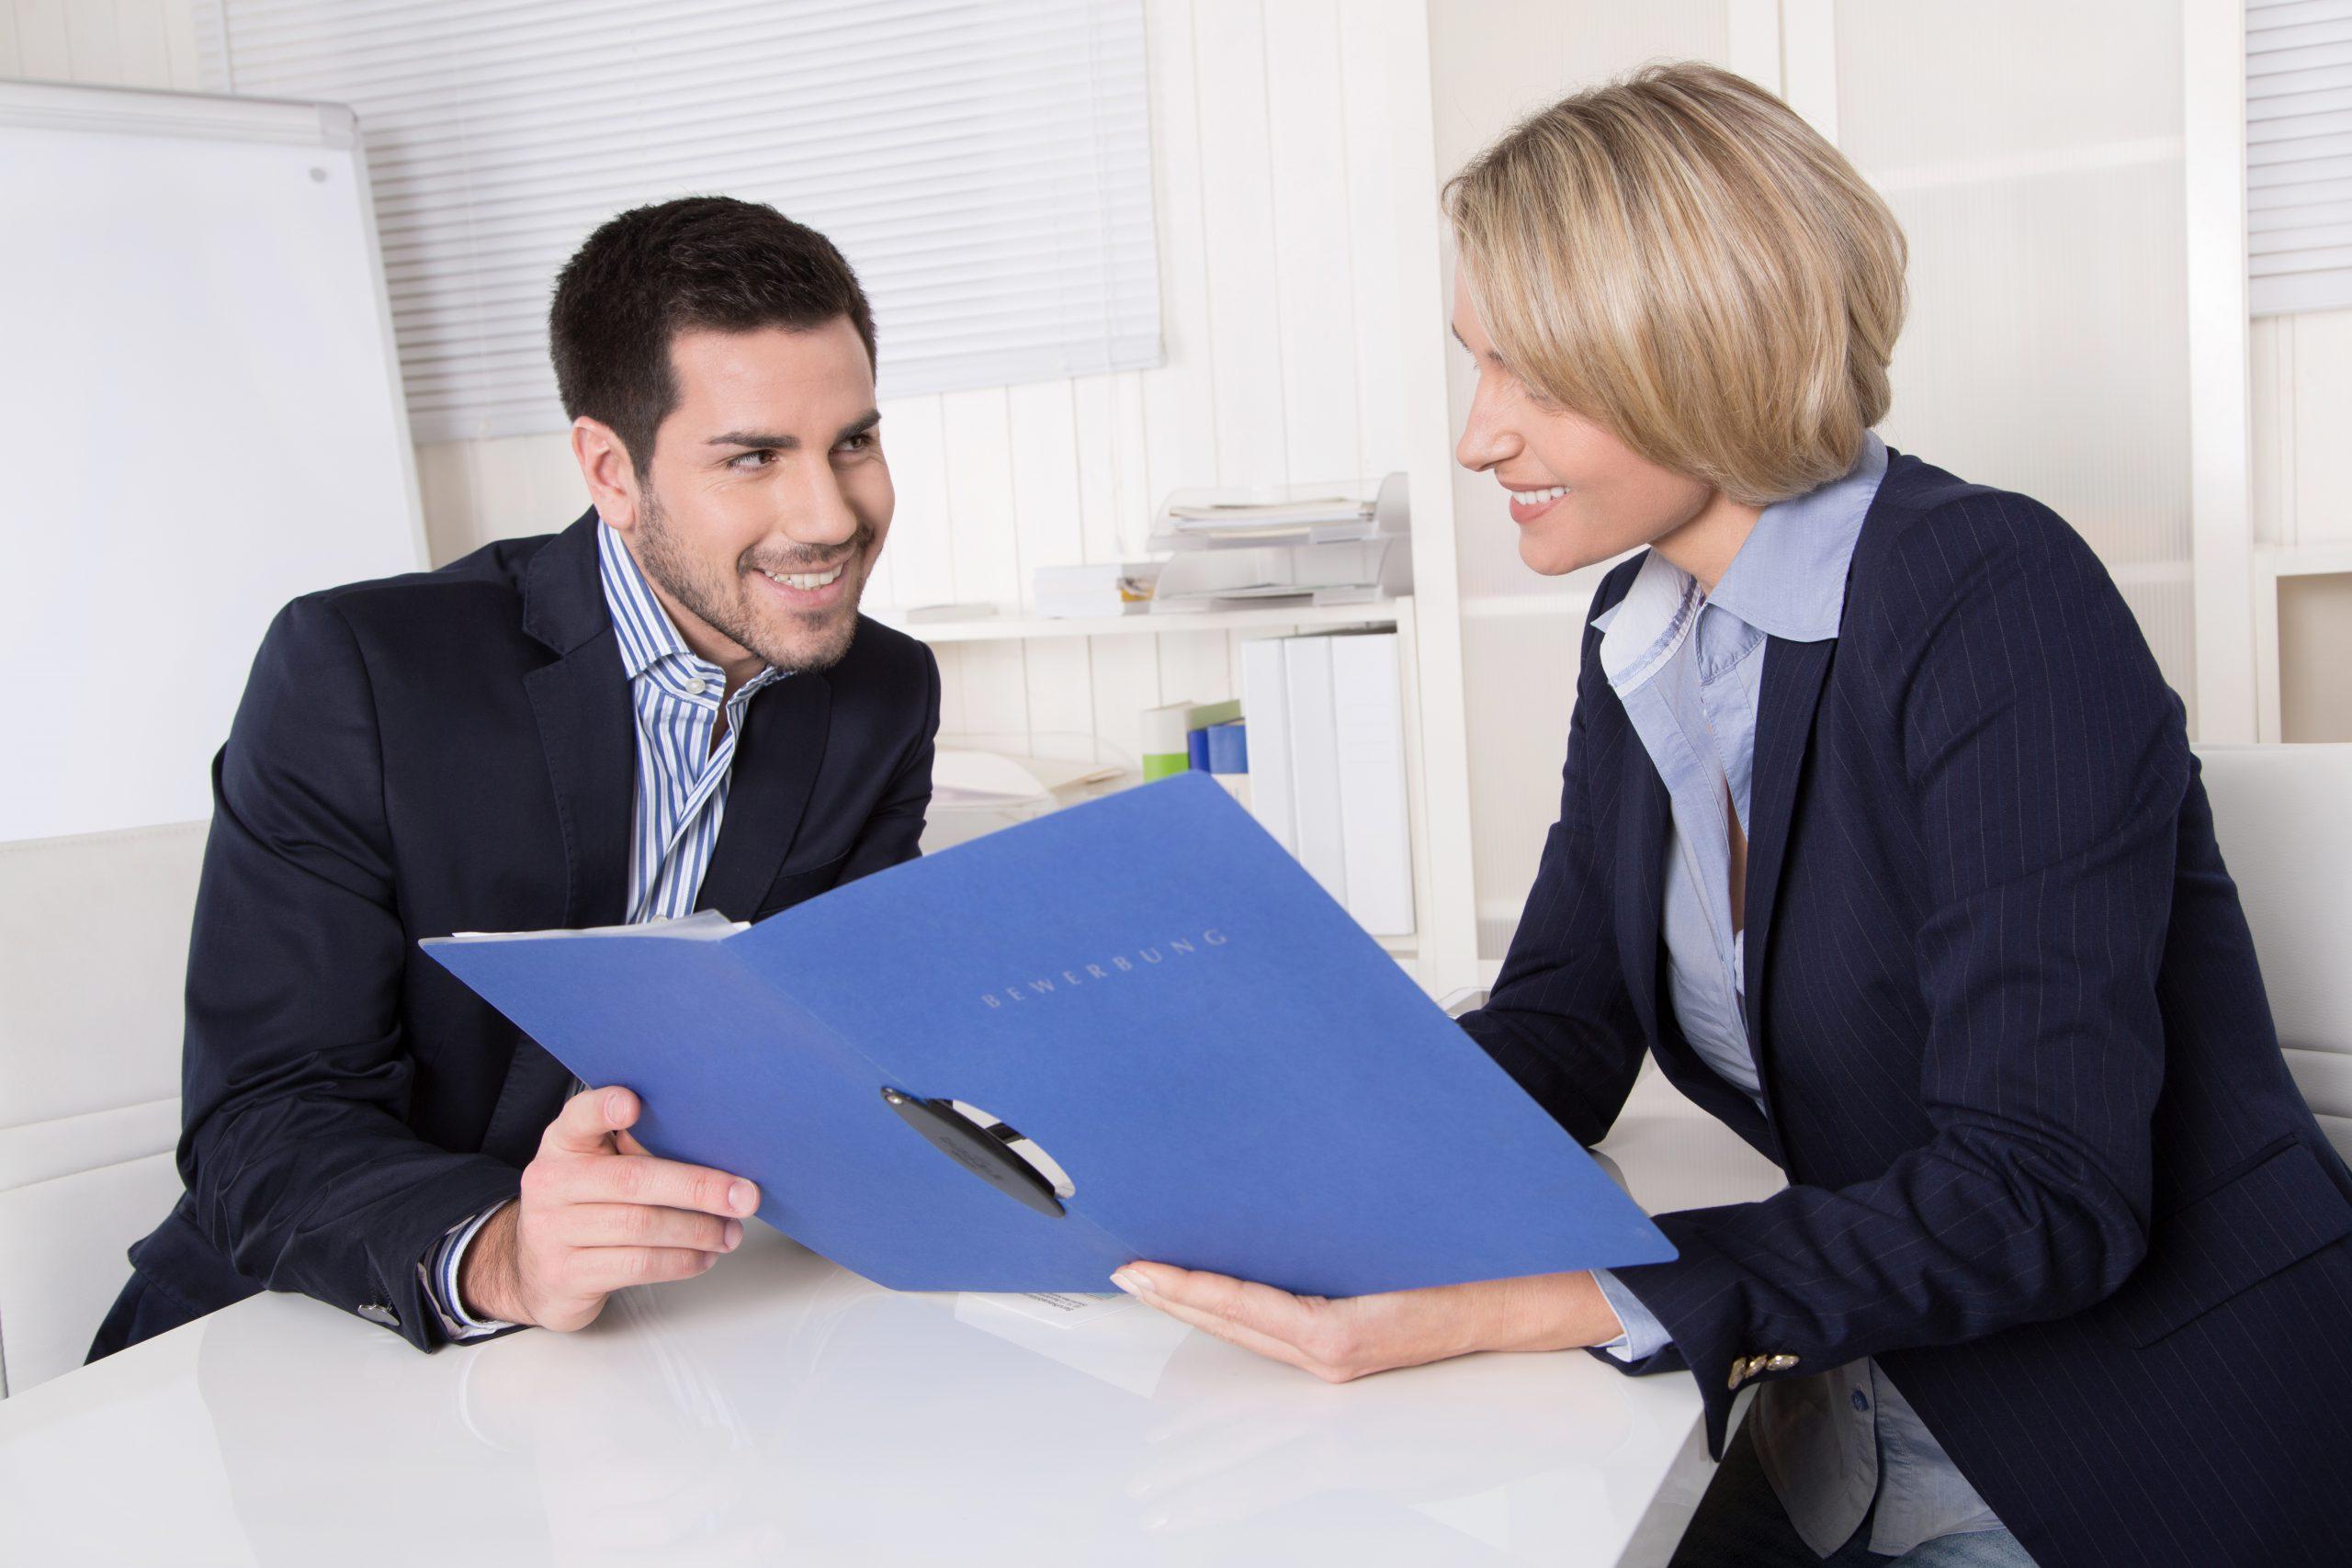 No olvides especificar el nivel de tus habilidades, así el reclutador tendrá una visión más completa de tus habilidades.